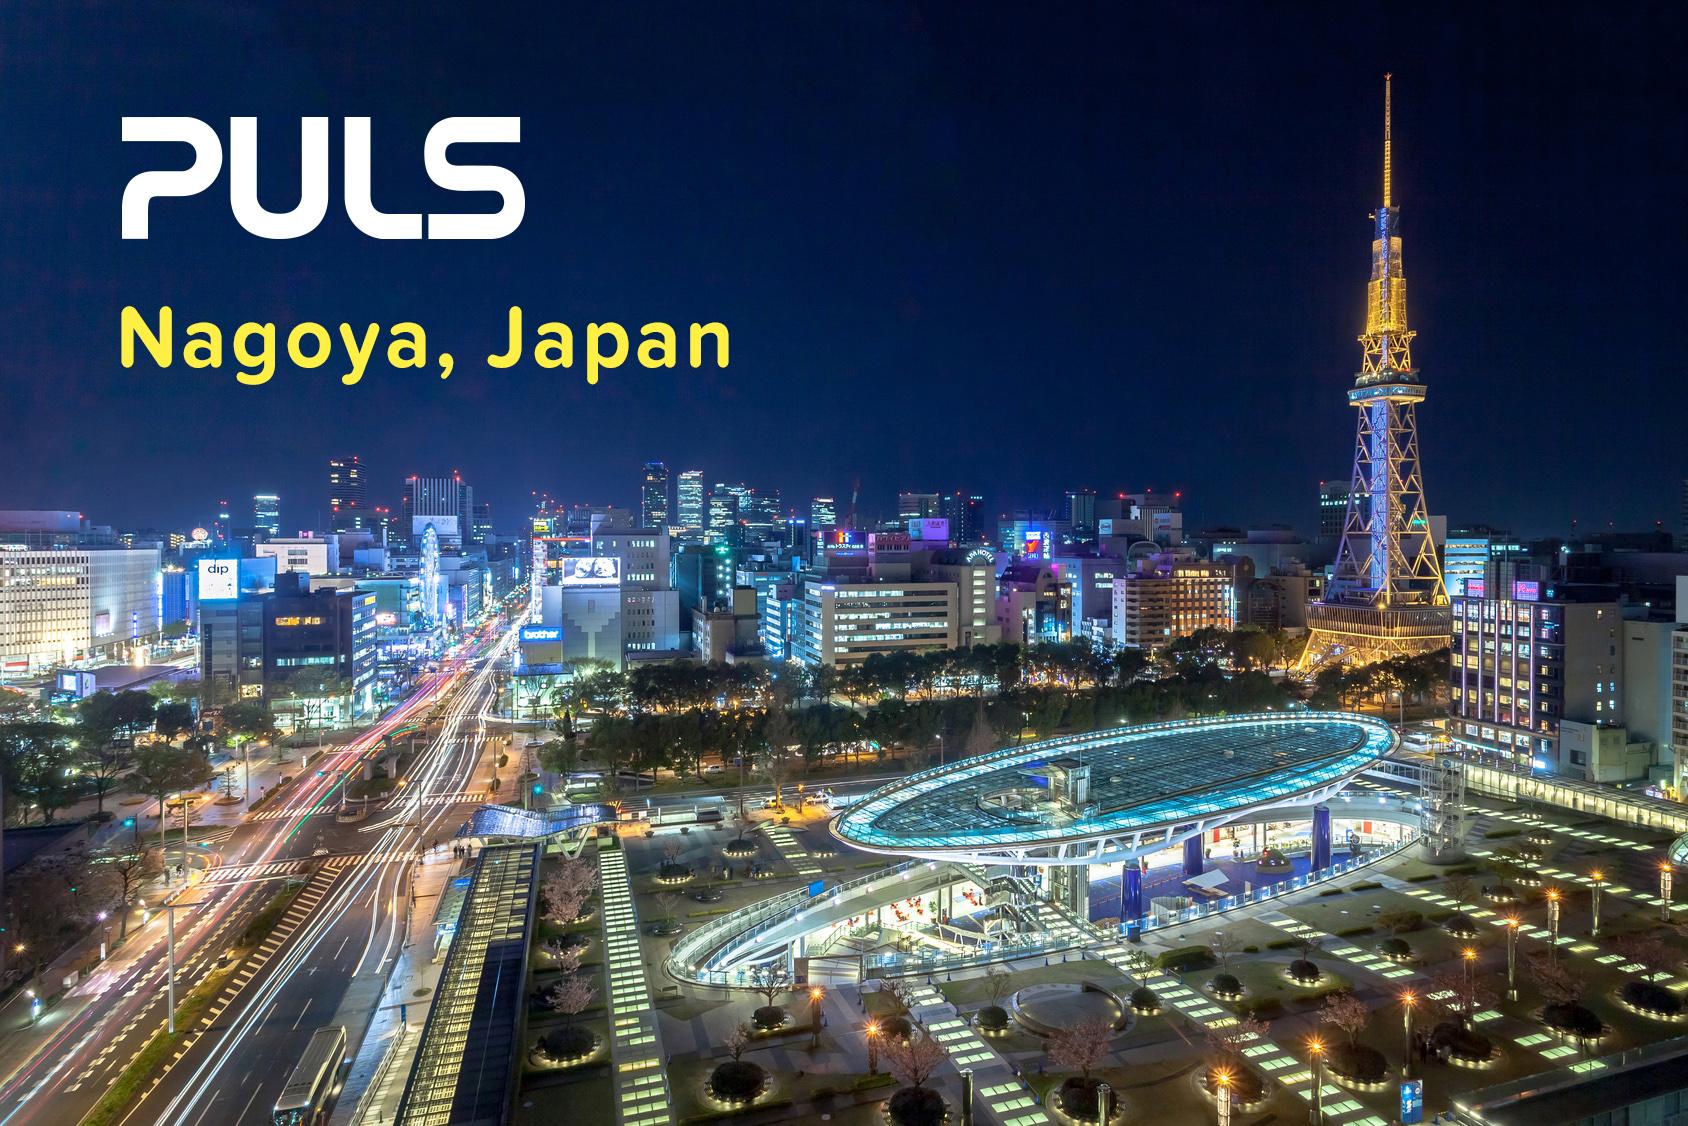 Puls expandiert: Eröffnung der Vertriebsniederlassung in Japan